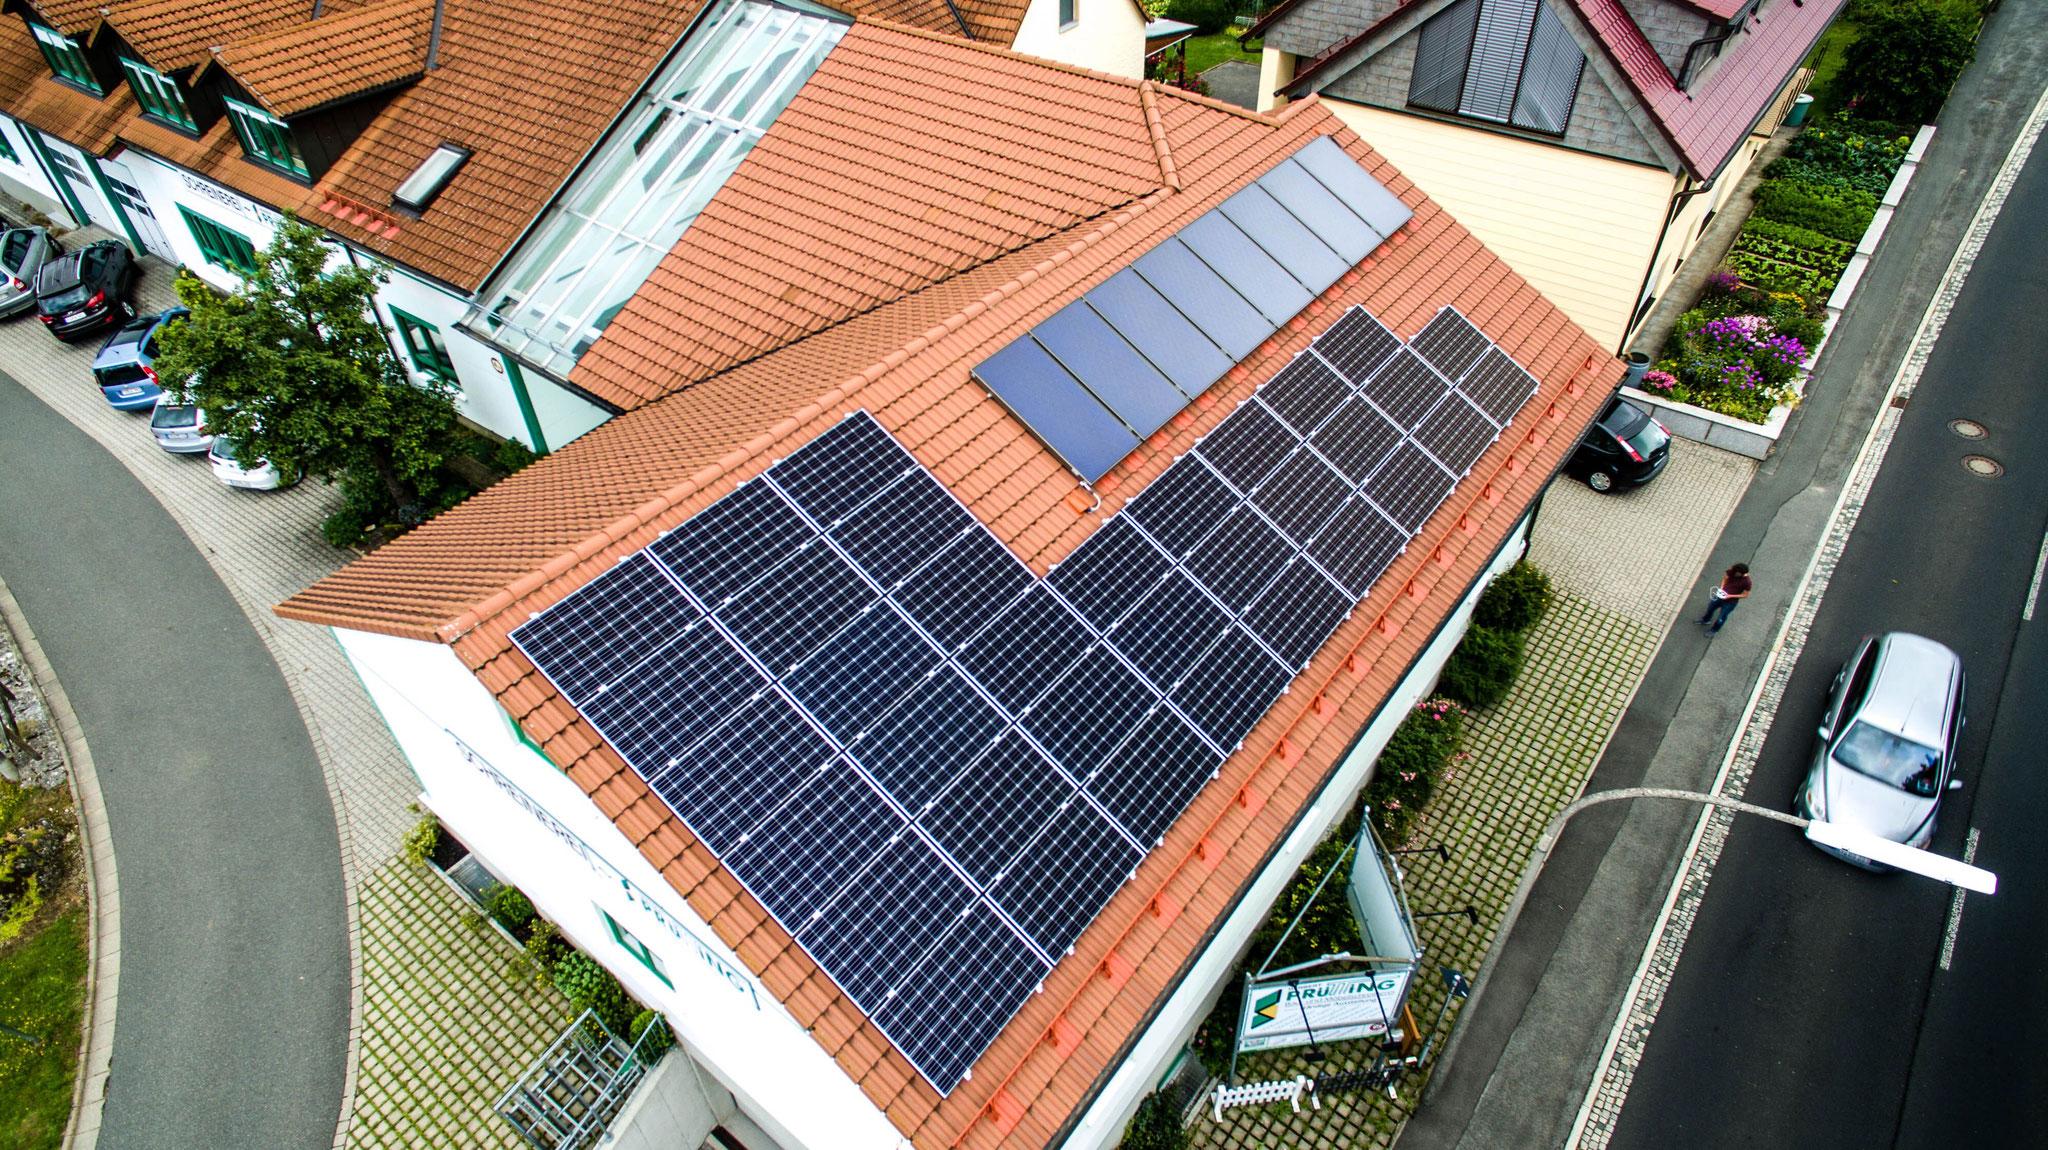 photovoltaik solaranlagen auf lagerhallen spedition und logistkhallen auch mit tesla speicher. Black Bedroom Furniture Sets. Home Design Ideas